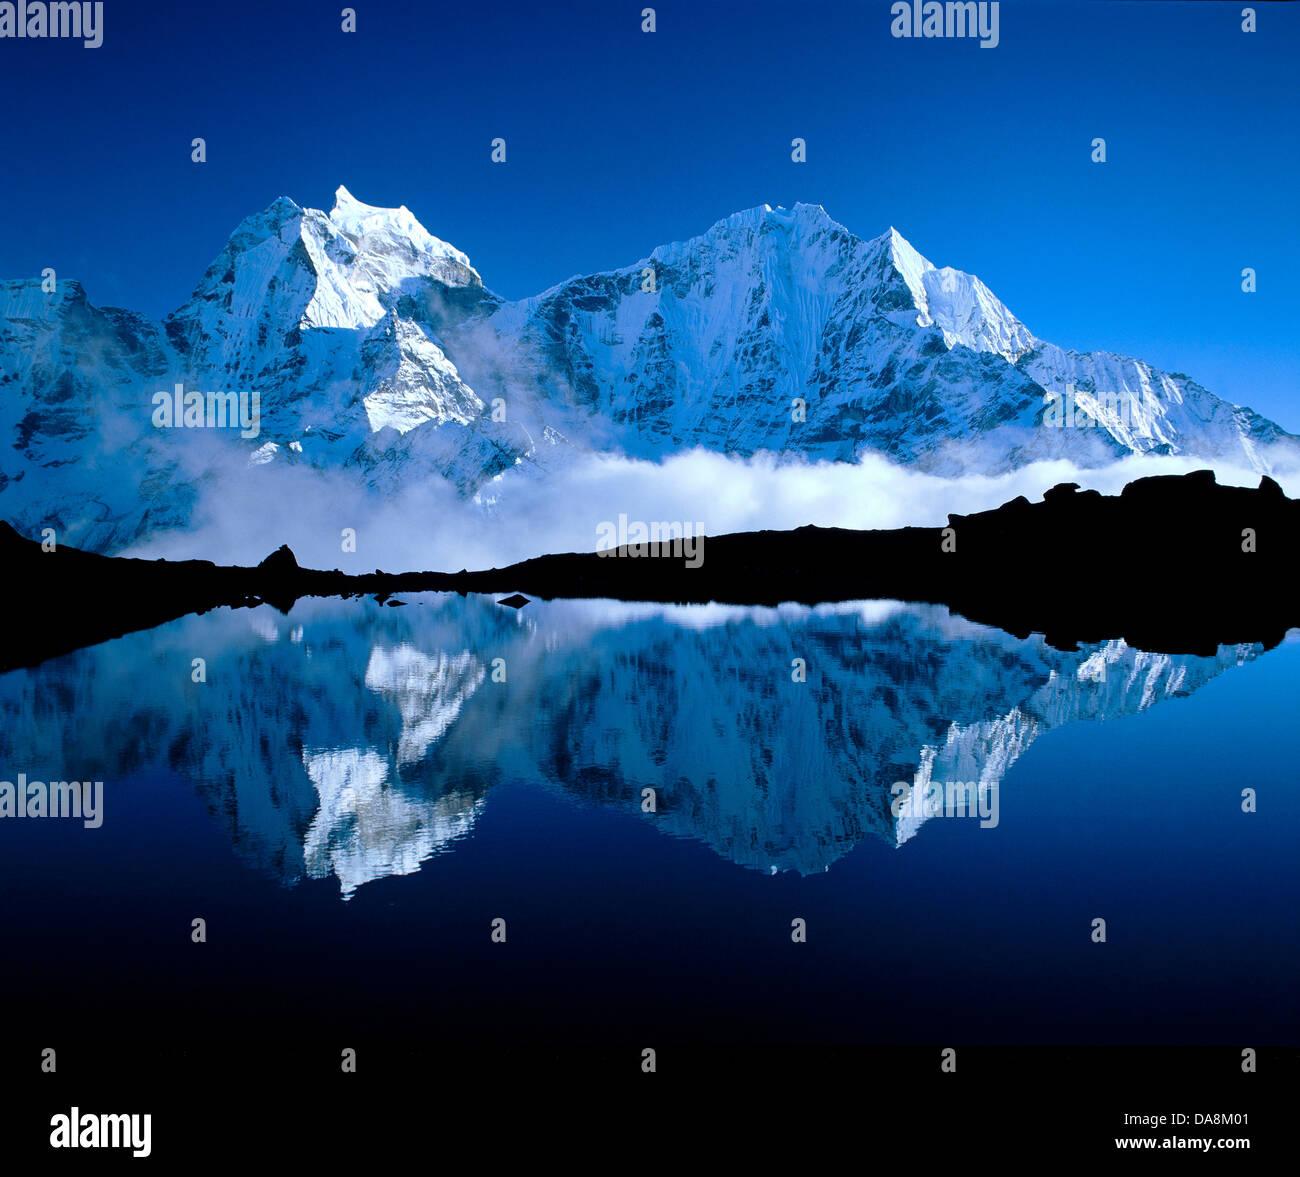 Le Népal, Solo Khumbu, Khumbu Himal, Khumbu, lac de montagne, le lac, l'eau, réflexion, montagnes, Photo Stock